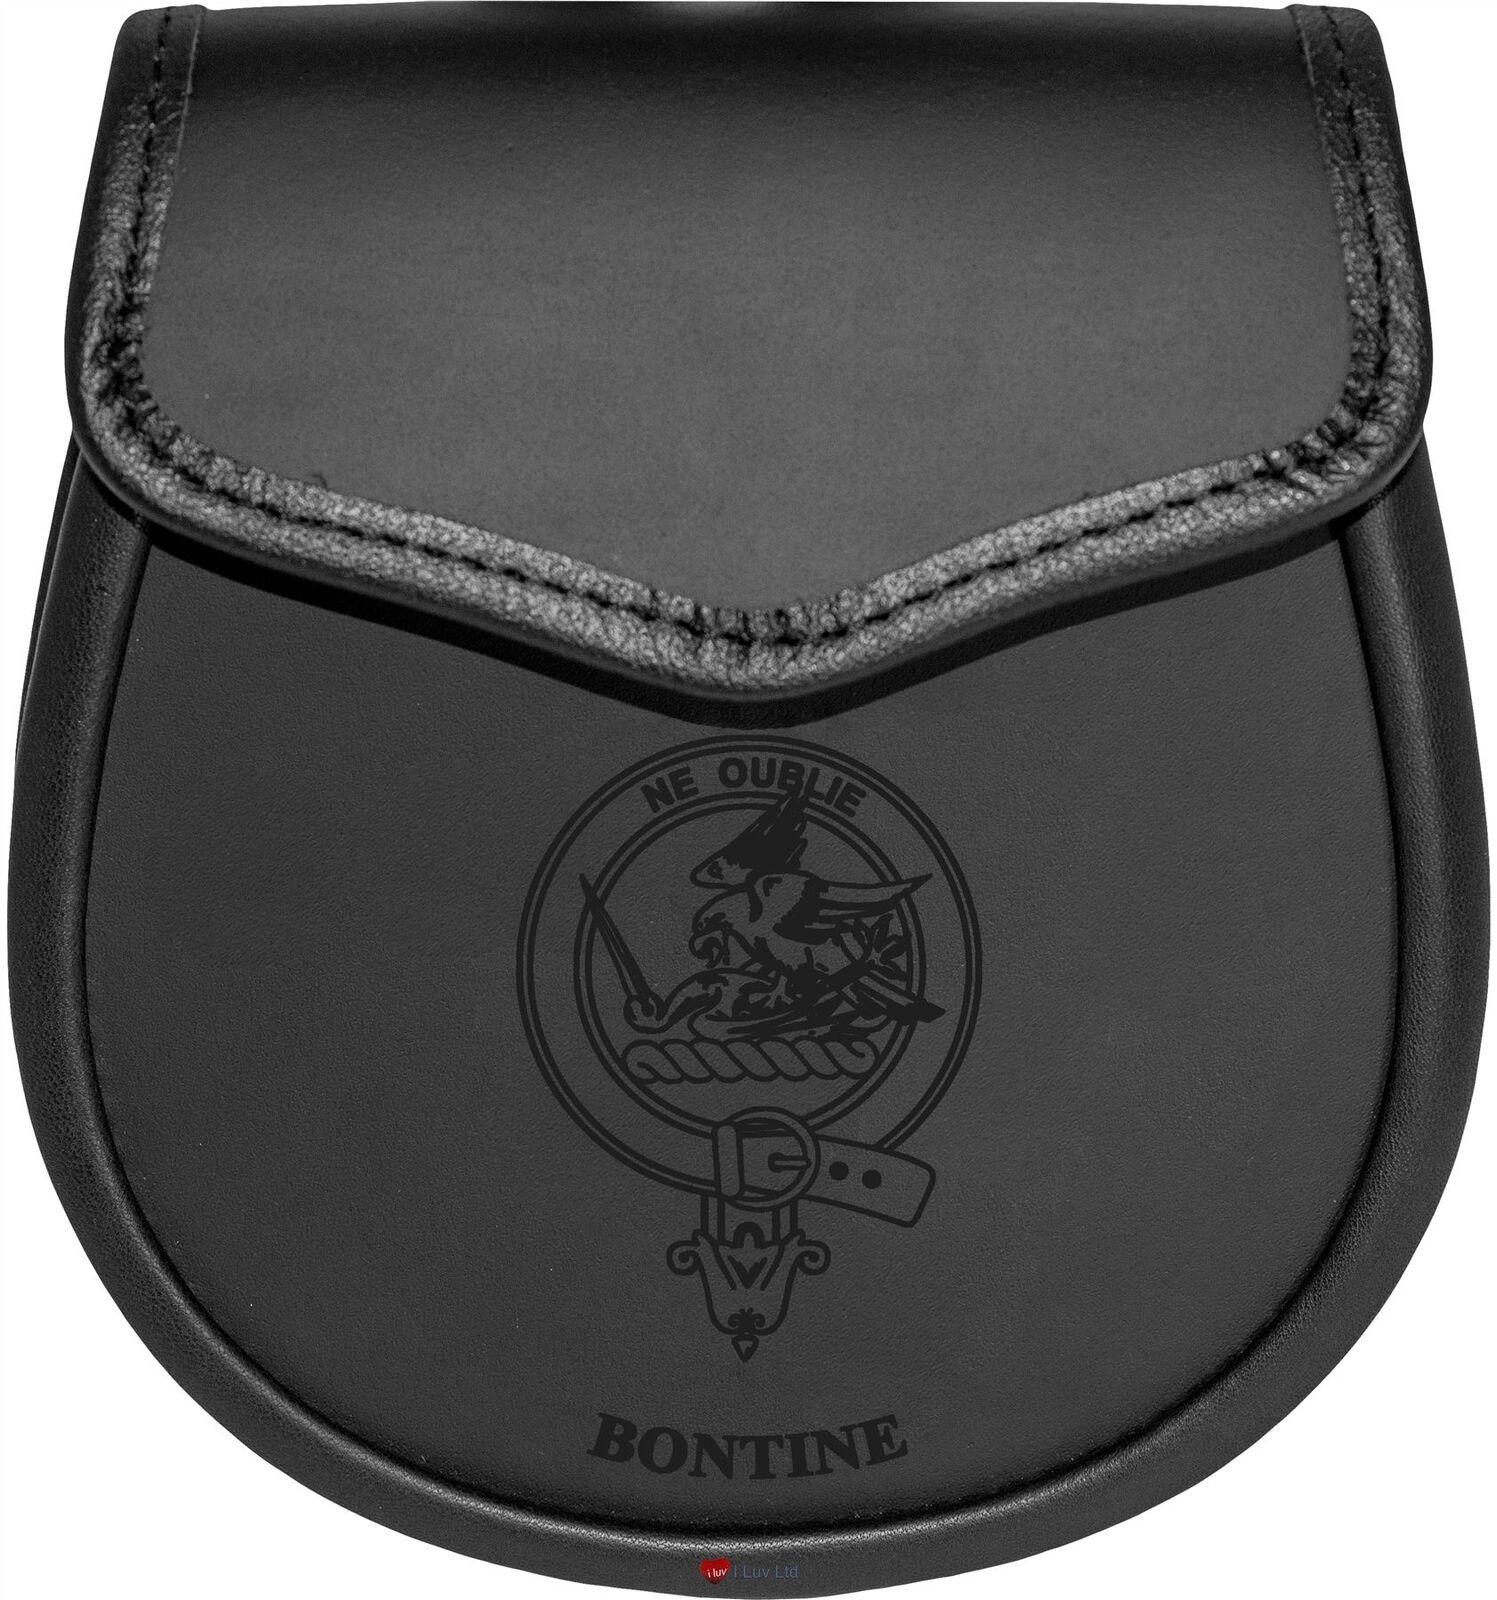 Bontine Leather Day Sporran Scottish Clan Crest